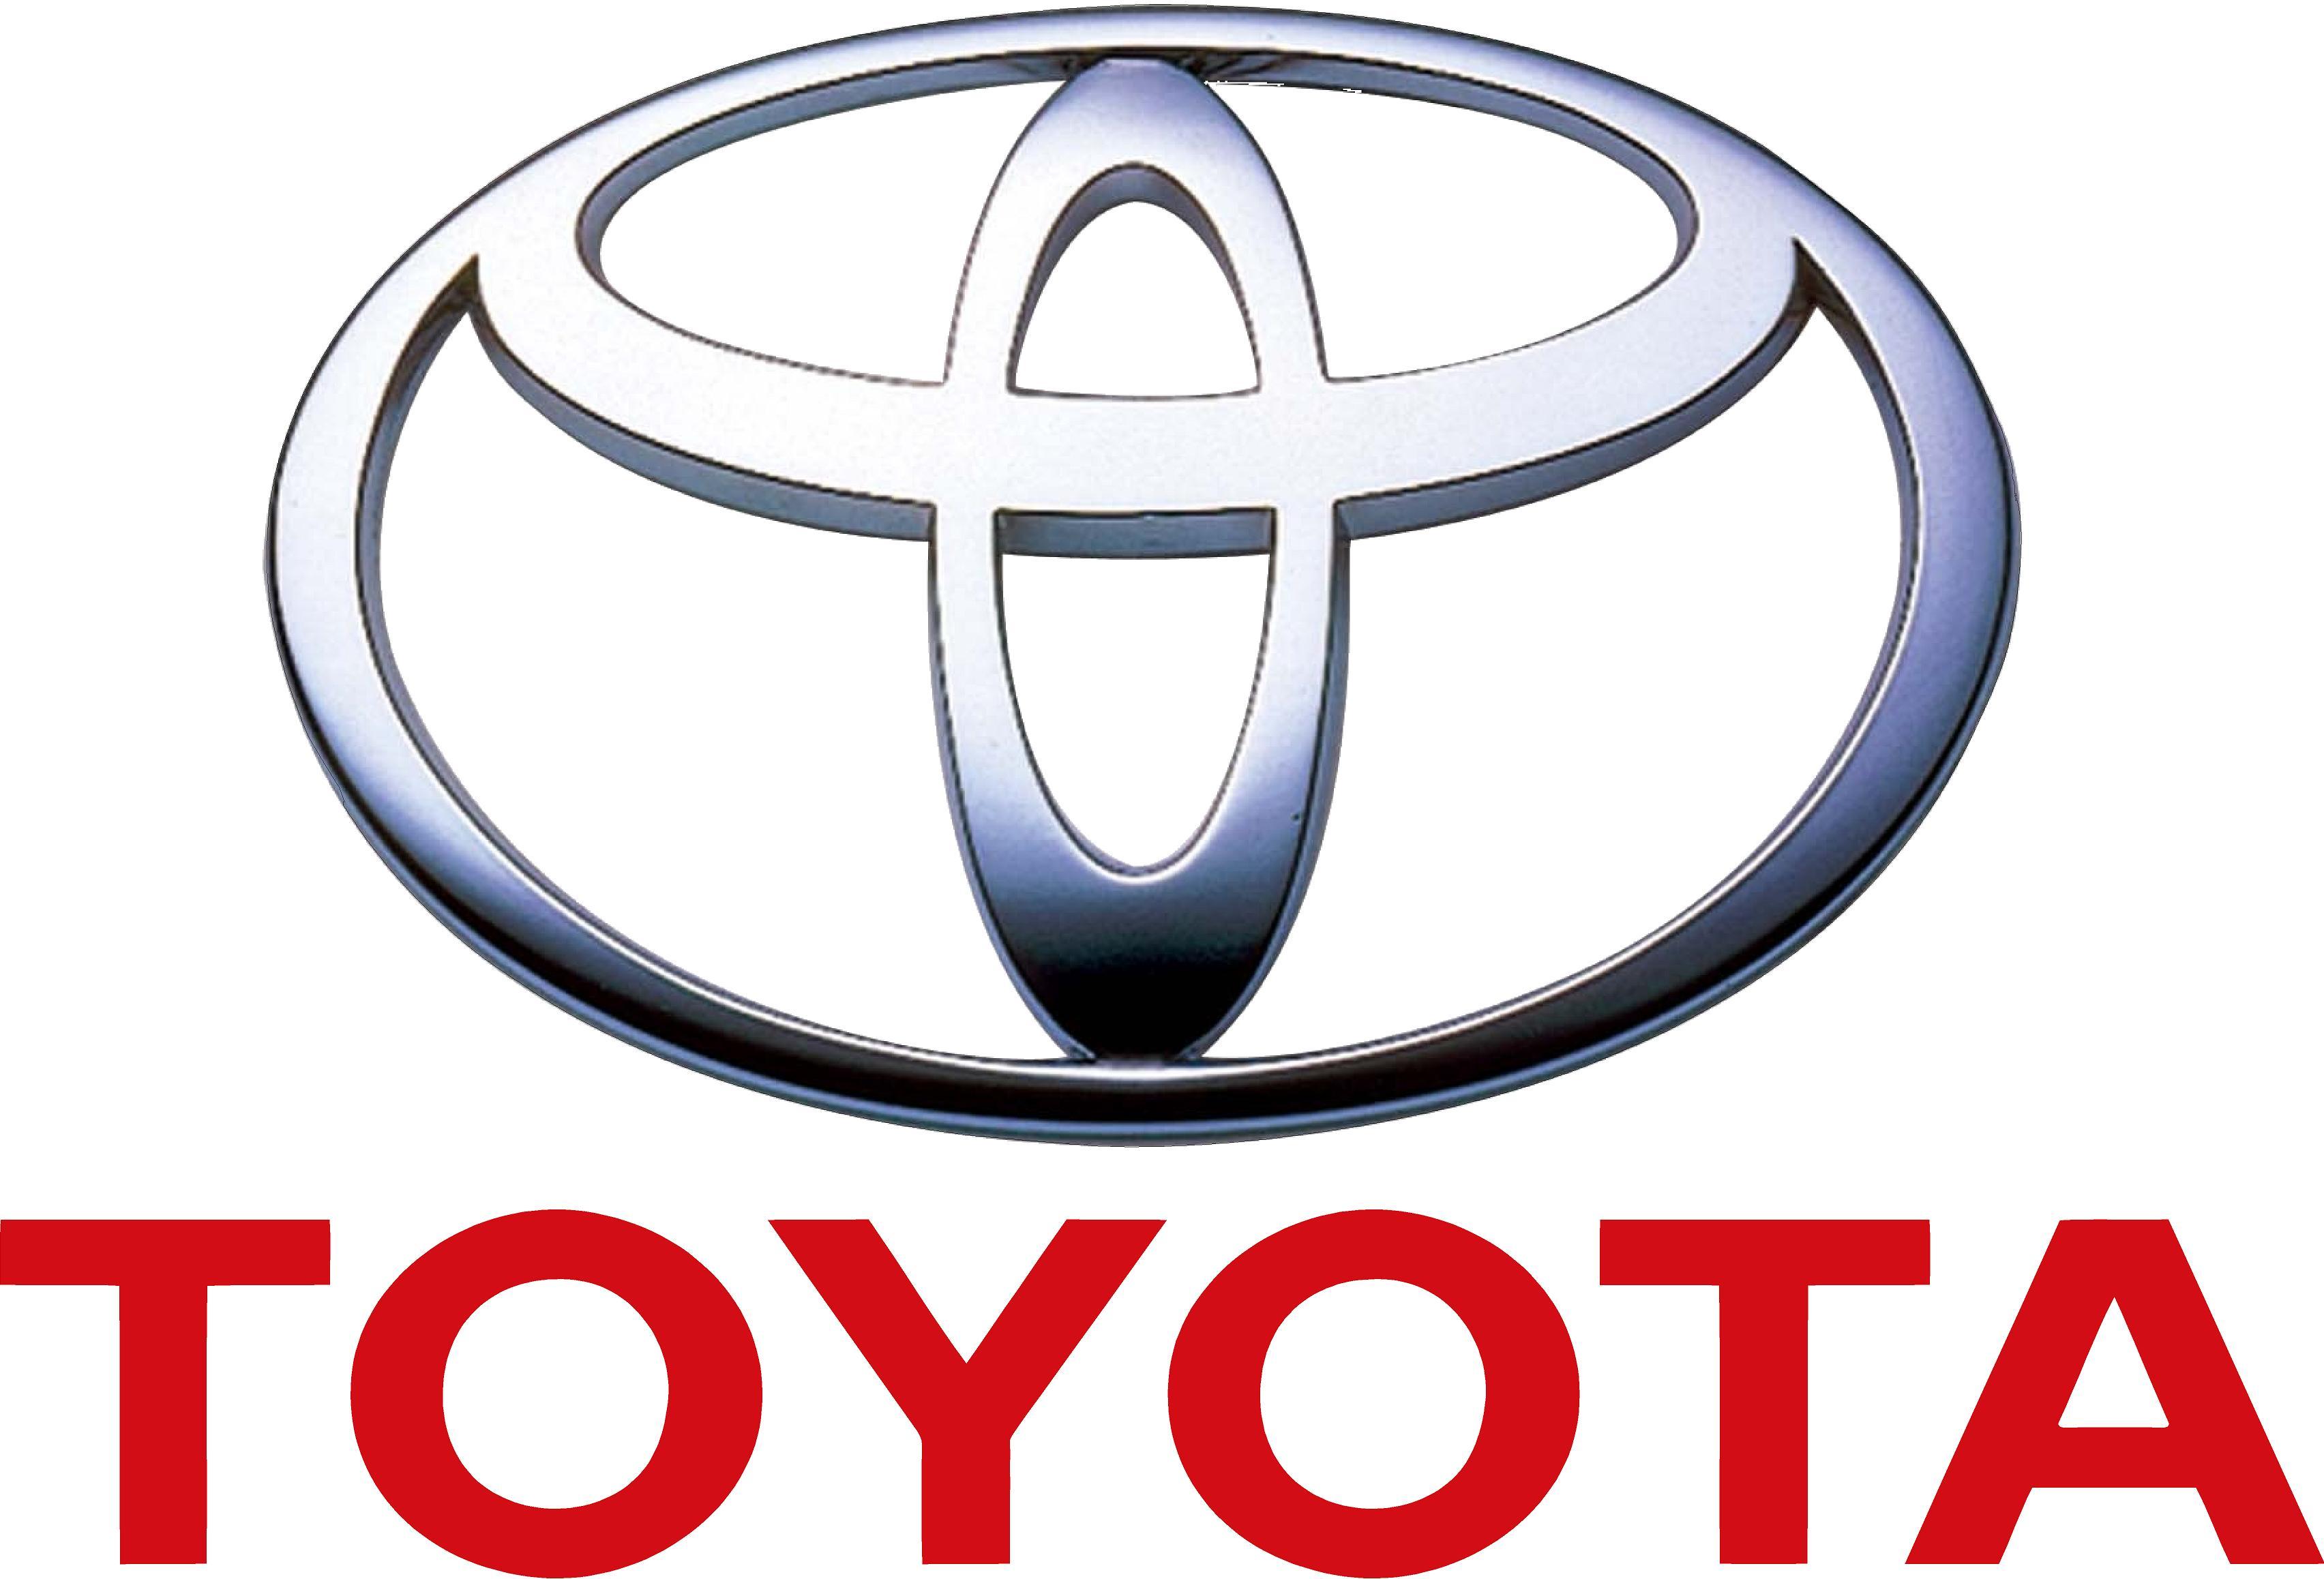 Авто - факт: своим названием марка Тойота обязана числу 8